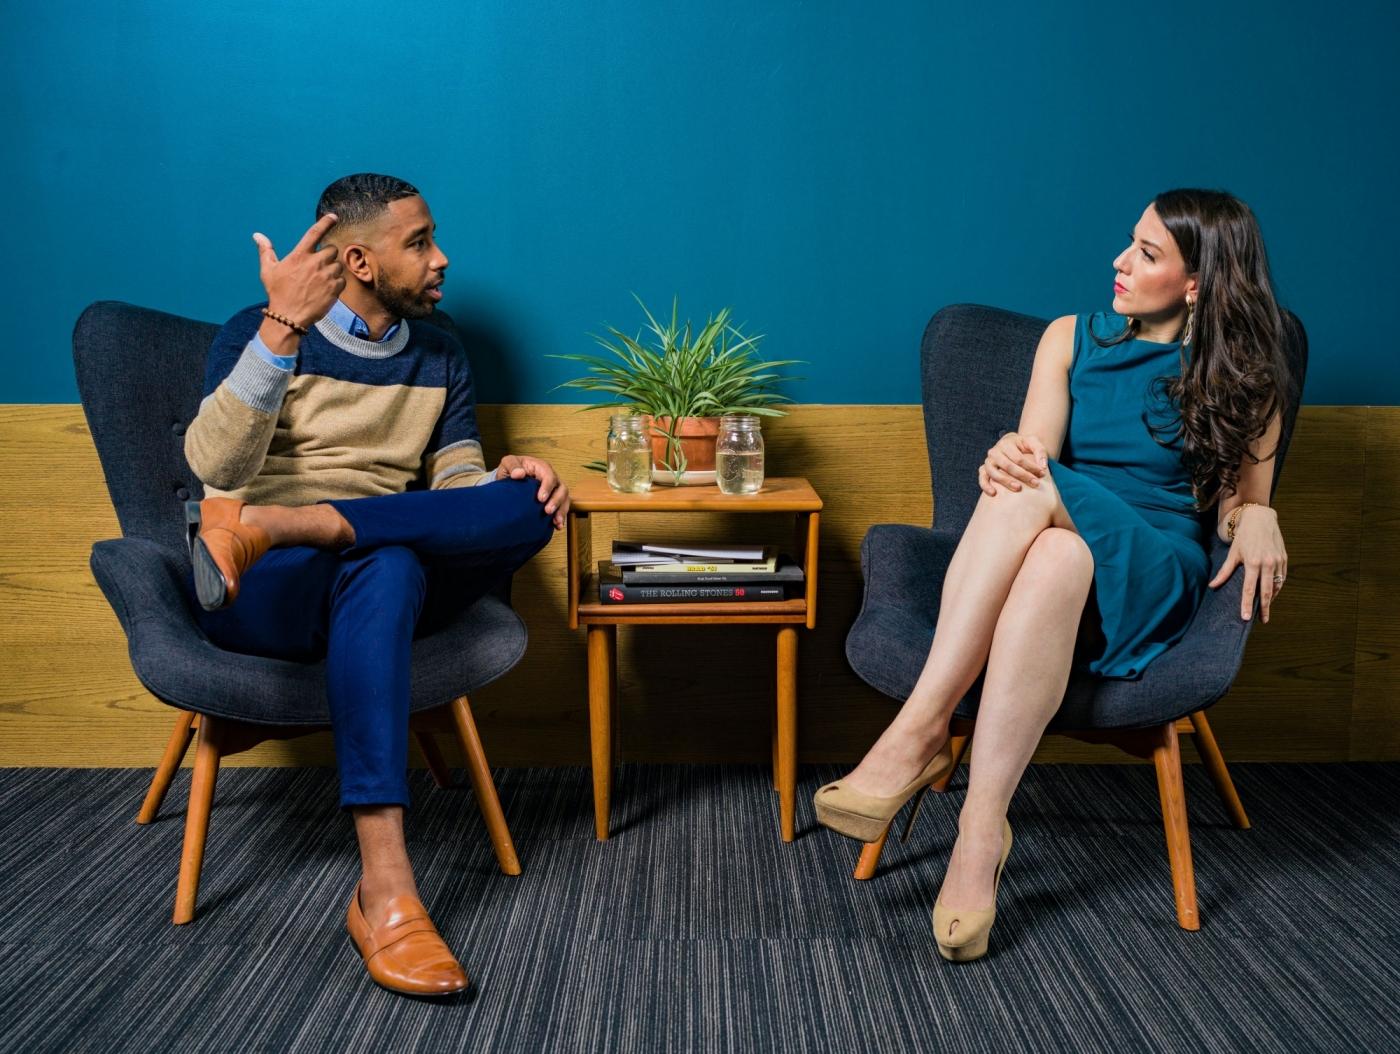 害怕跟客戶、老闆尬聊?對話開頭善用「萬能小問題」,讓你化身成聊天大師